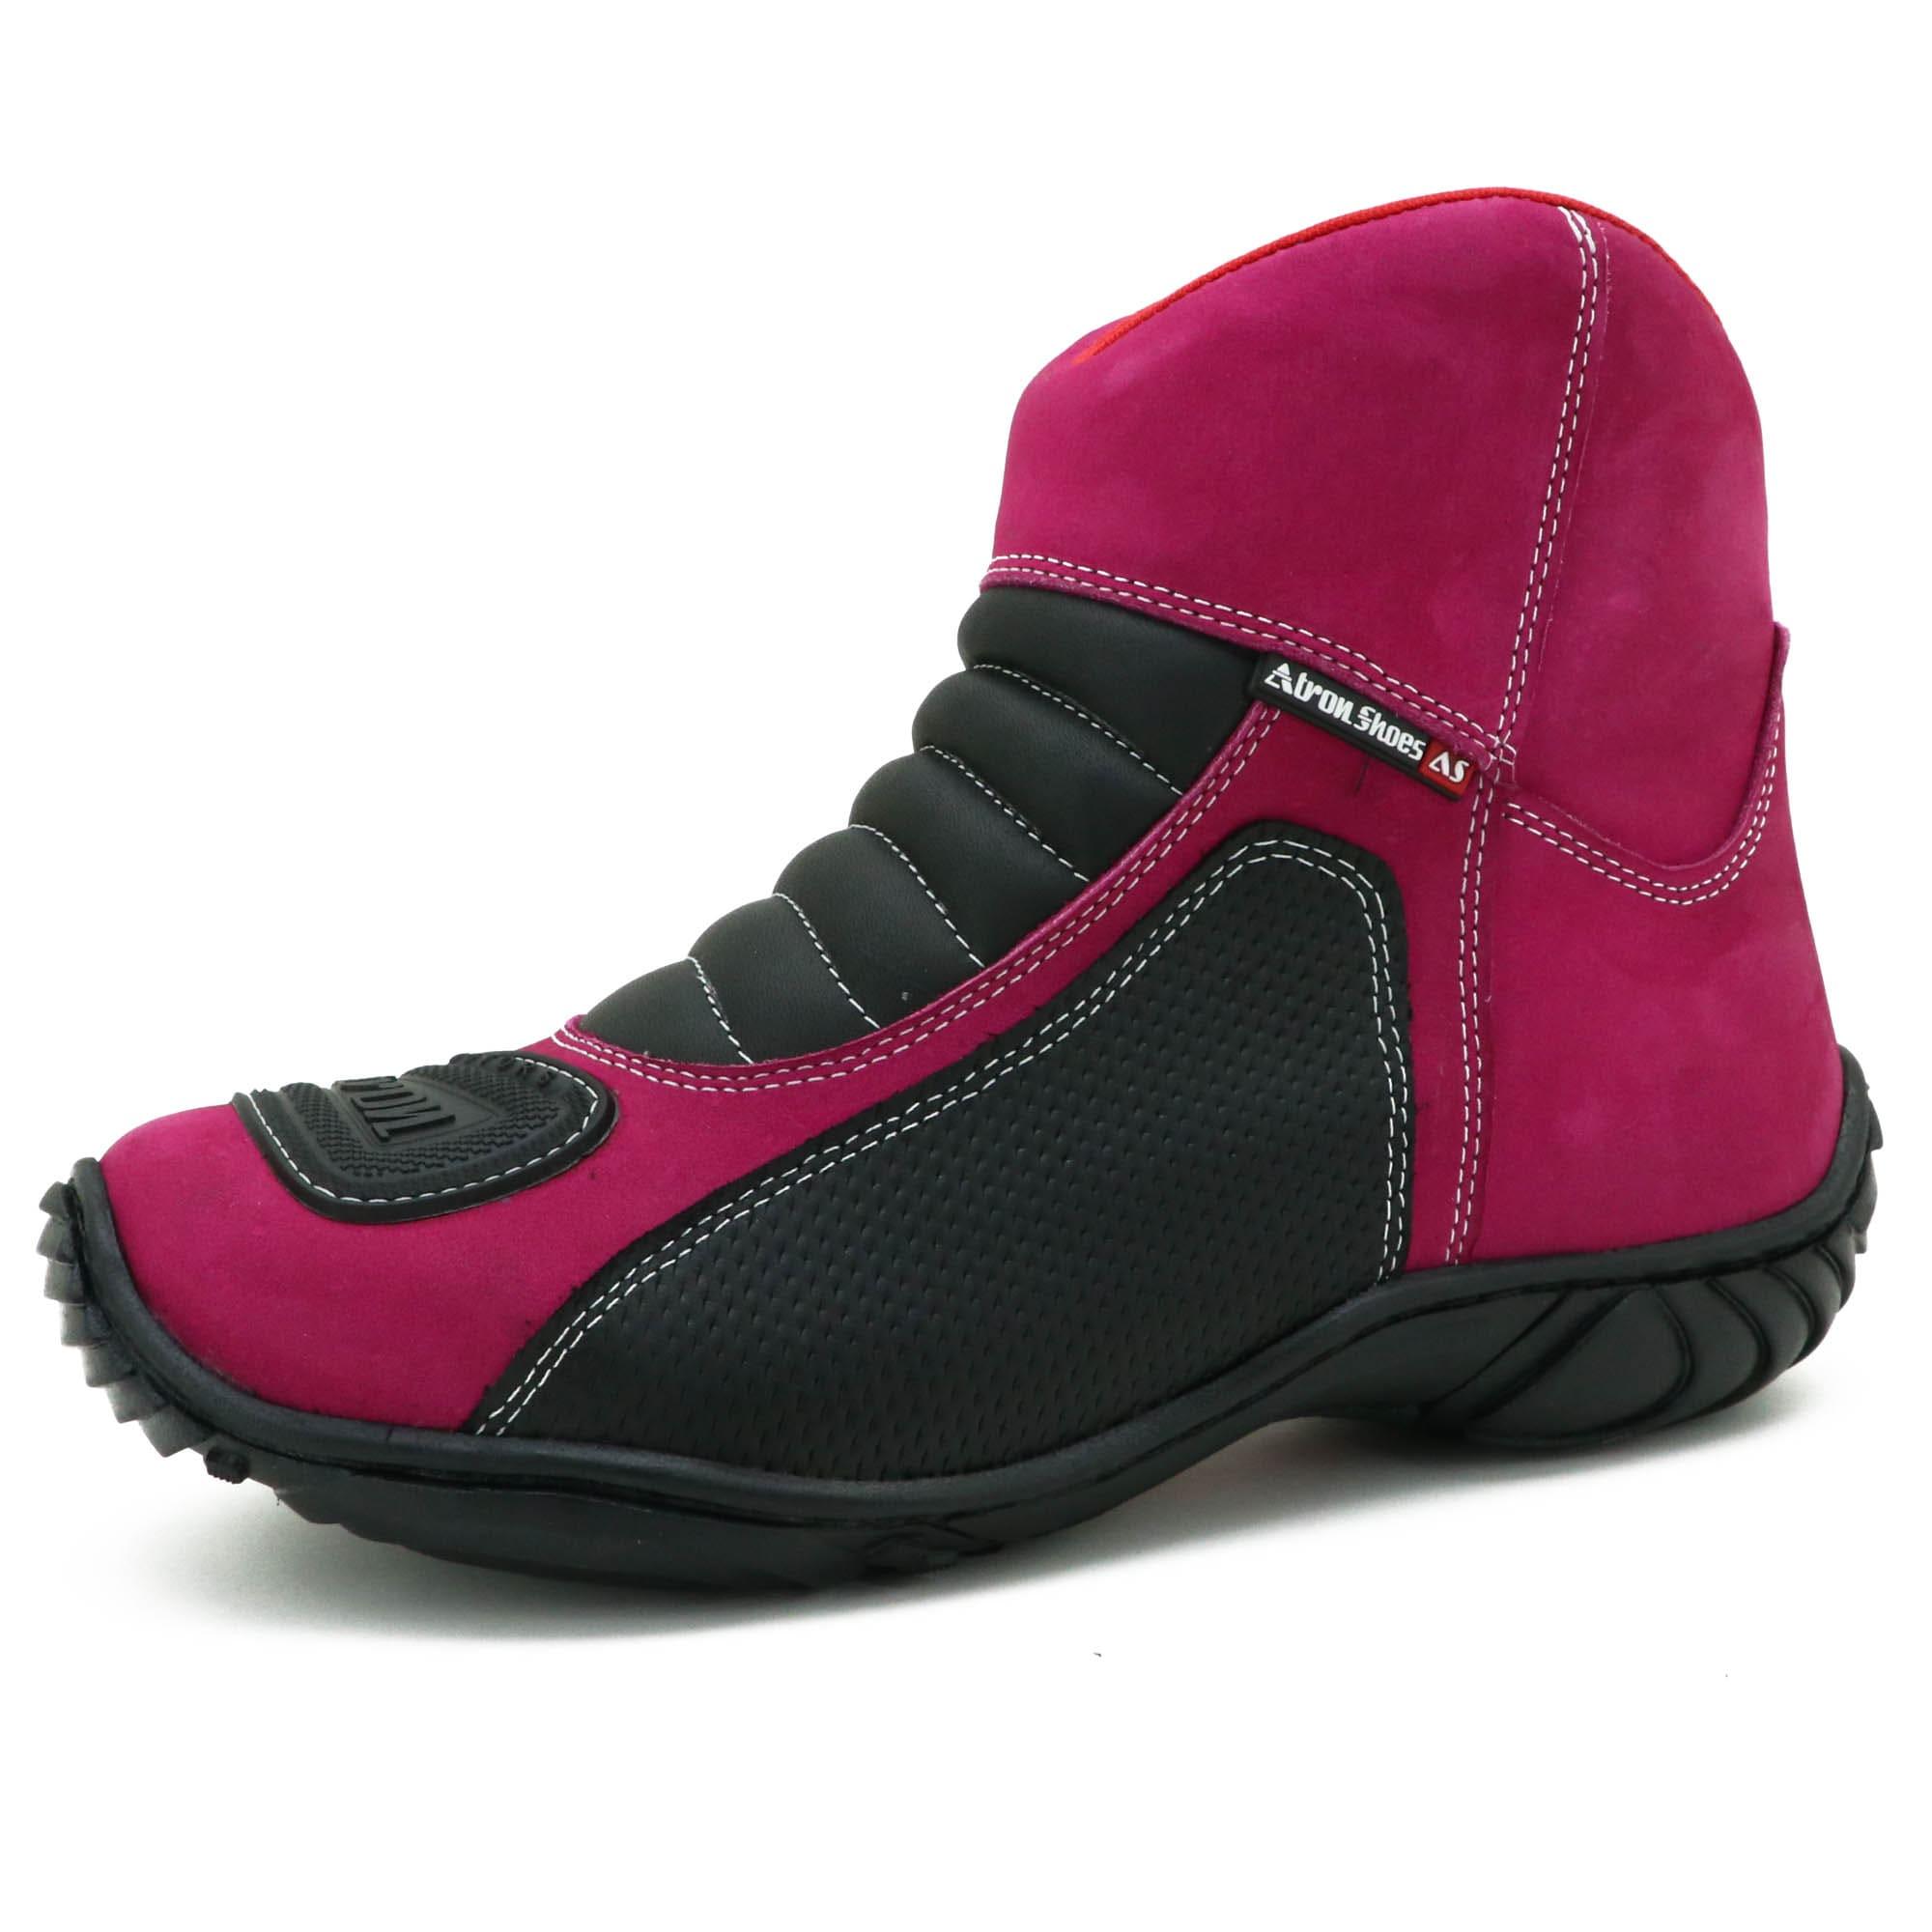 Bota motociclista semi impermeável de couro nobuck na cor pink com chinelo 305